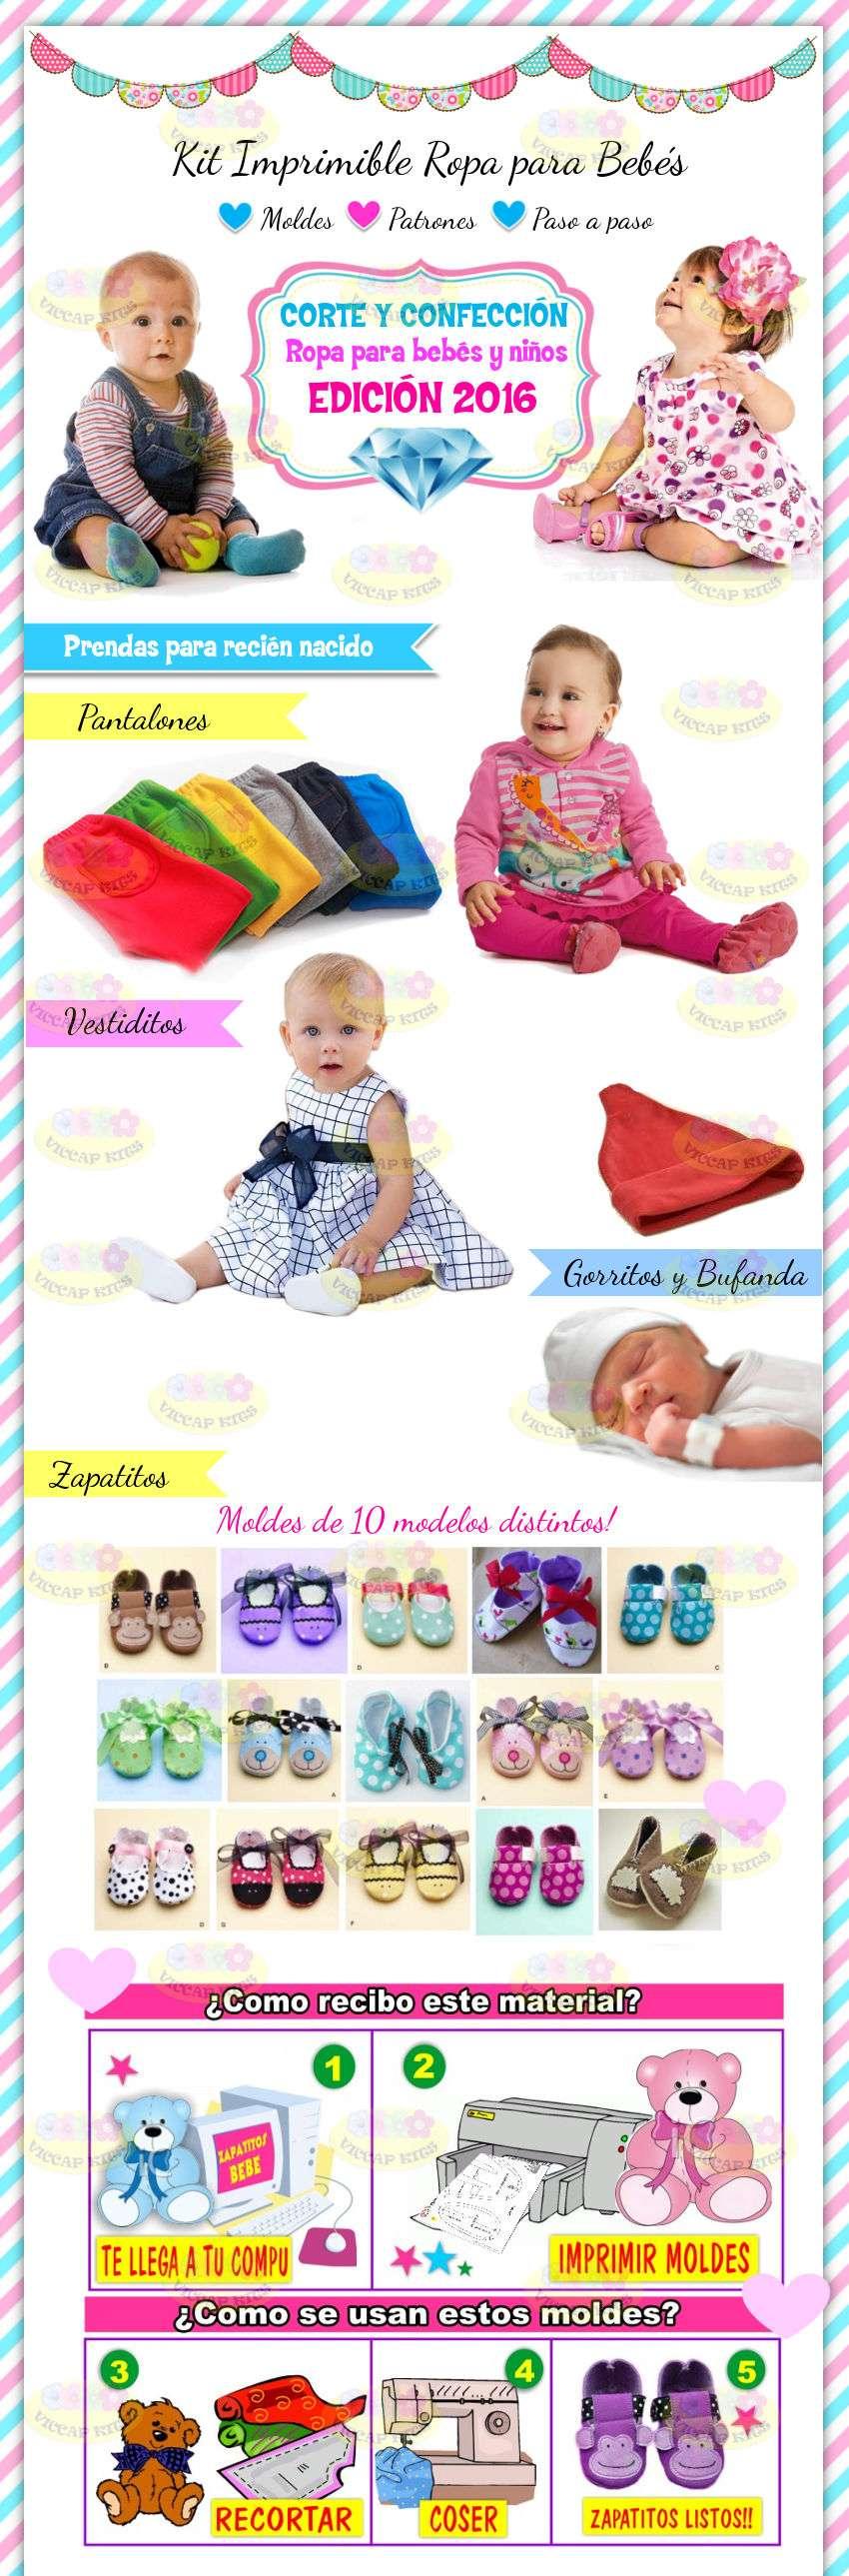 Kit Imprimible Patrones de Ropa para Bebes moldes + tutoriales de ...